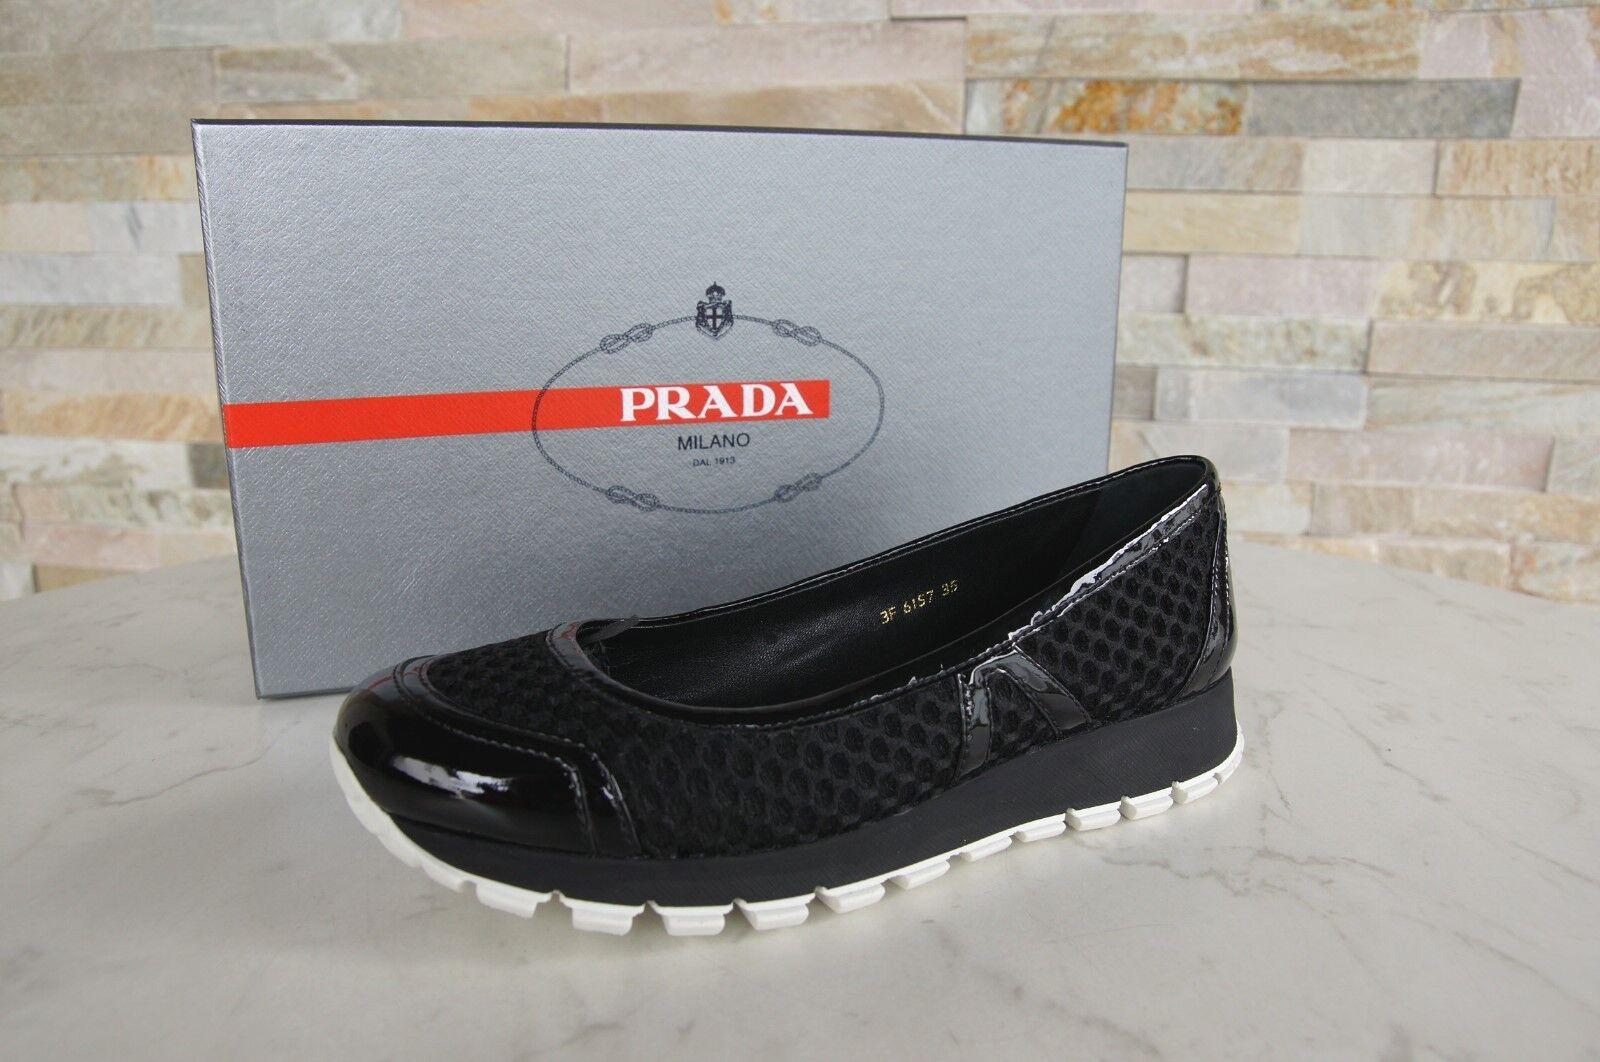 Prada talla 35 35 35 bailarinas Slipper zapato bajo 3f6157 zapatos negro nuevo ex PVP  clásico atemporal